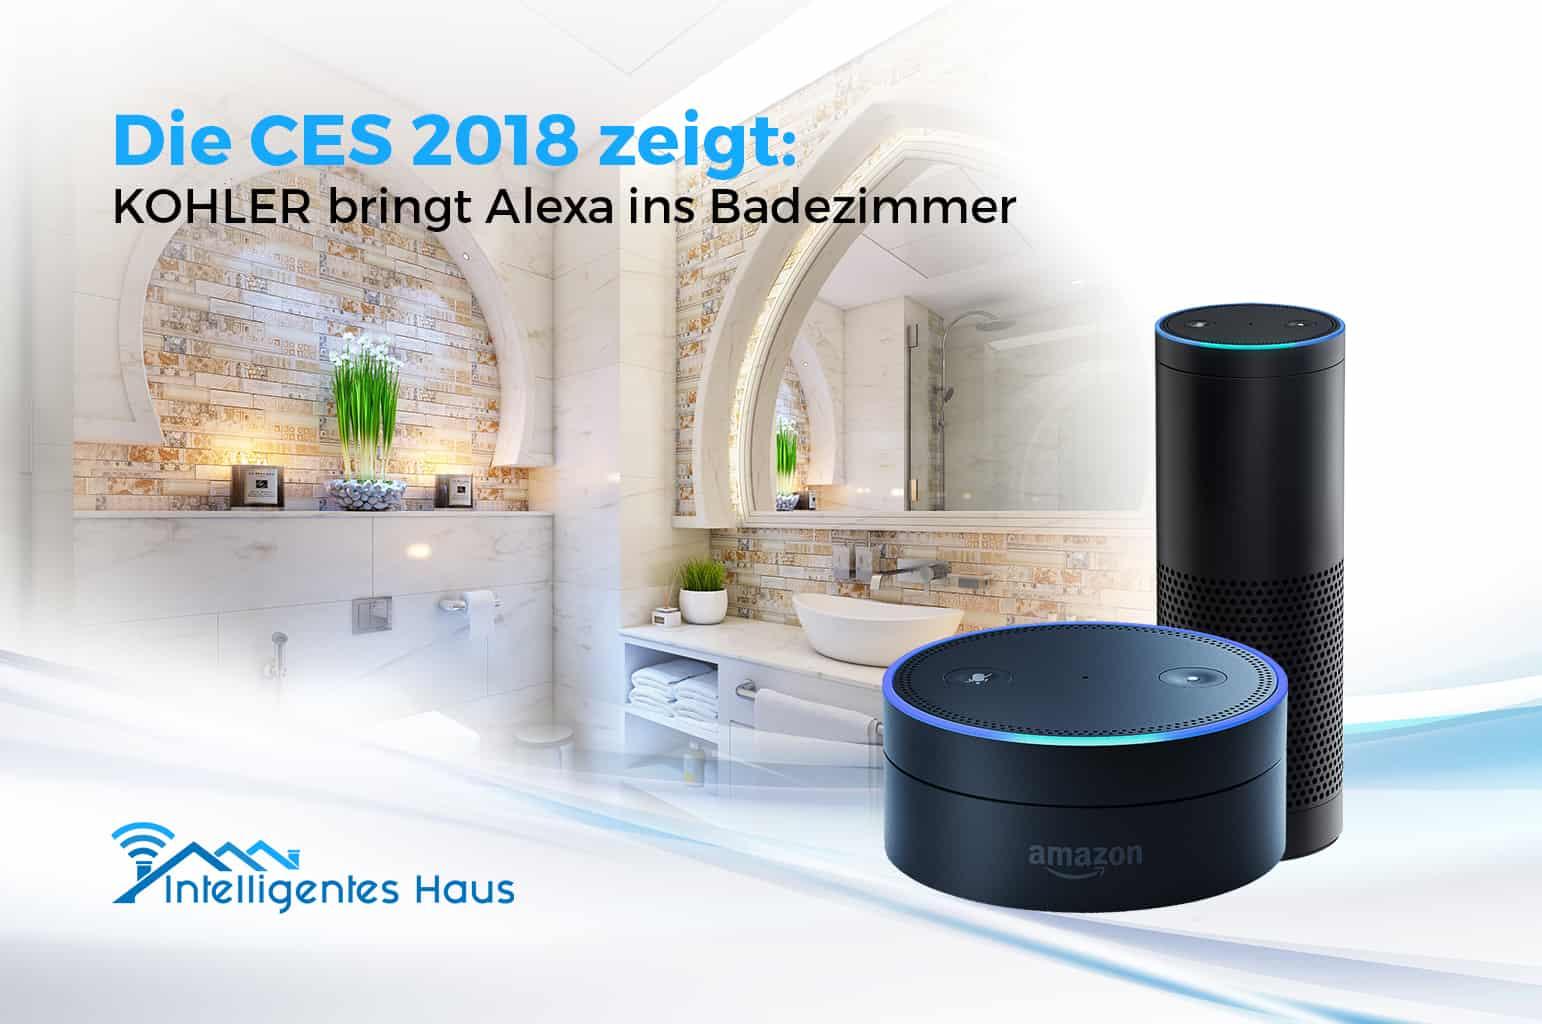 CES 20   Mit KOHLER Konnect Alexa im Badezimmer bedienen